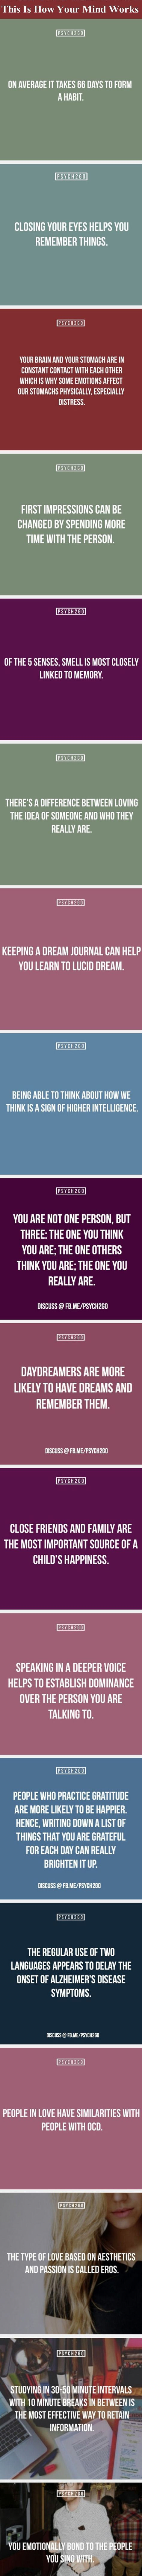 mind, psychology.